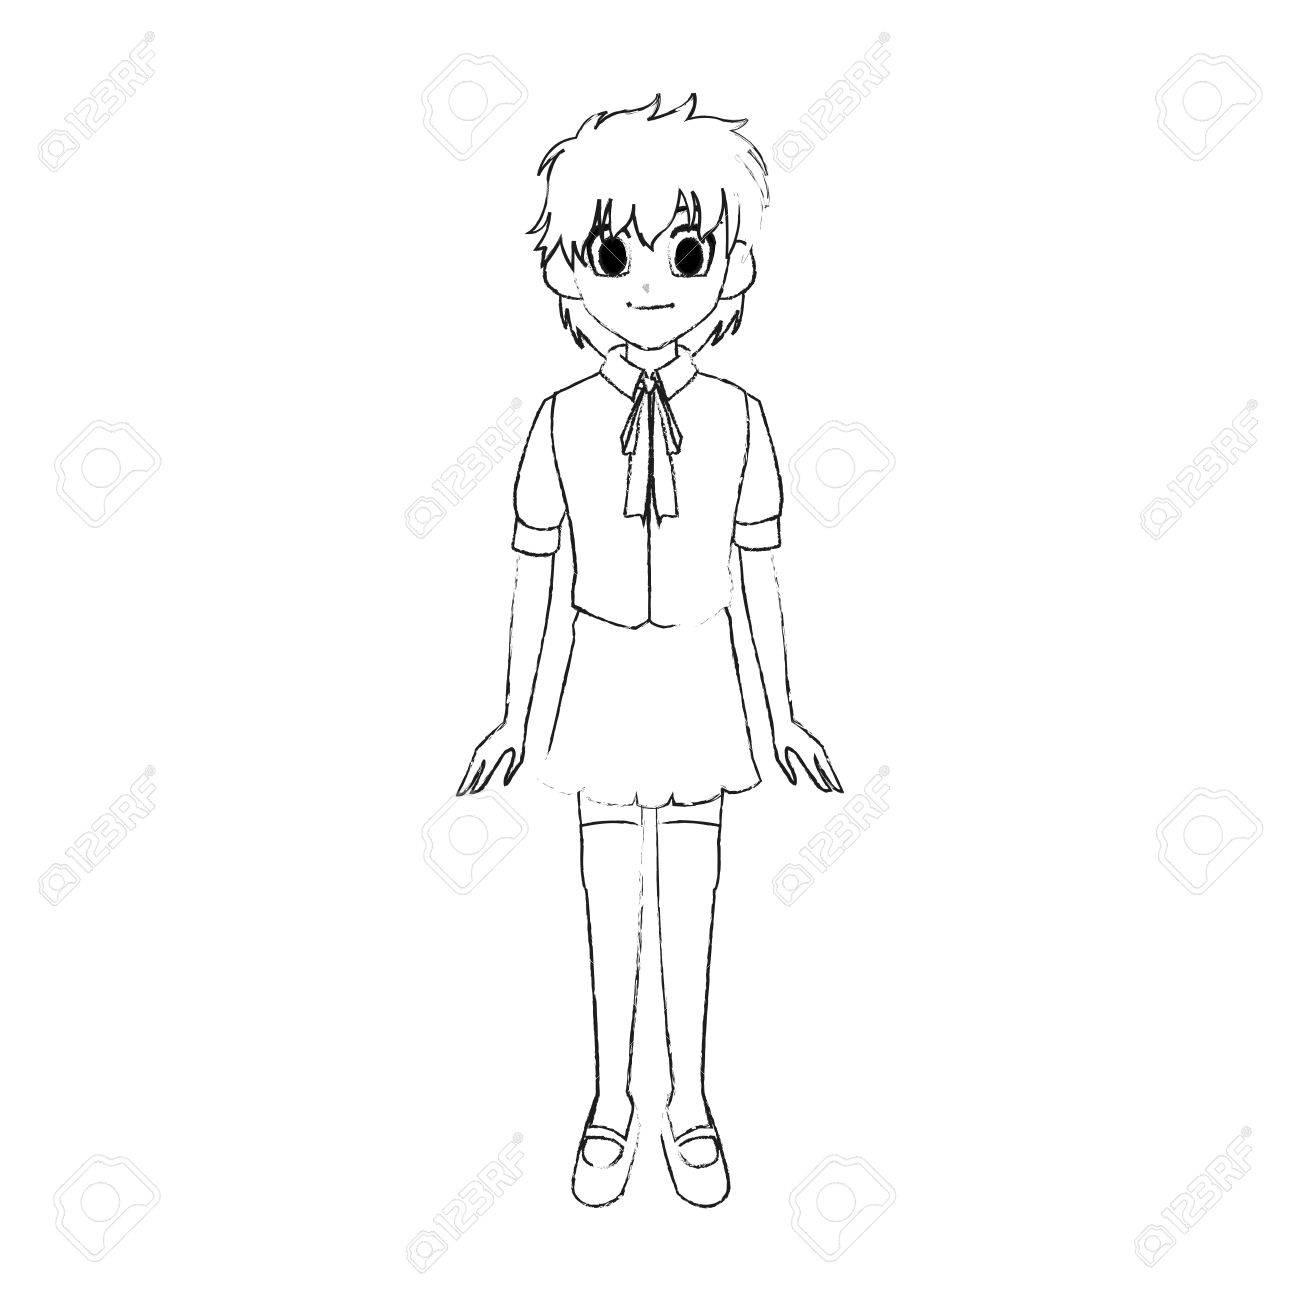 Ausmalbilder Manga Mädchen : Gro Z Gig Manga M Dchen Vorlage Bilder Beispiel Wiederaufnahme